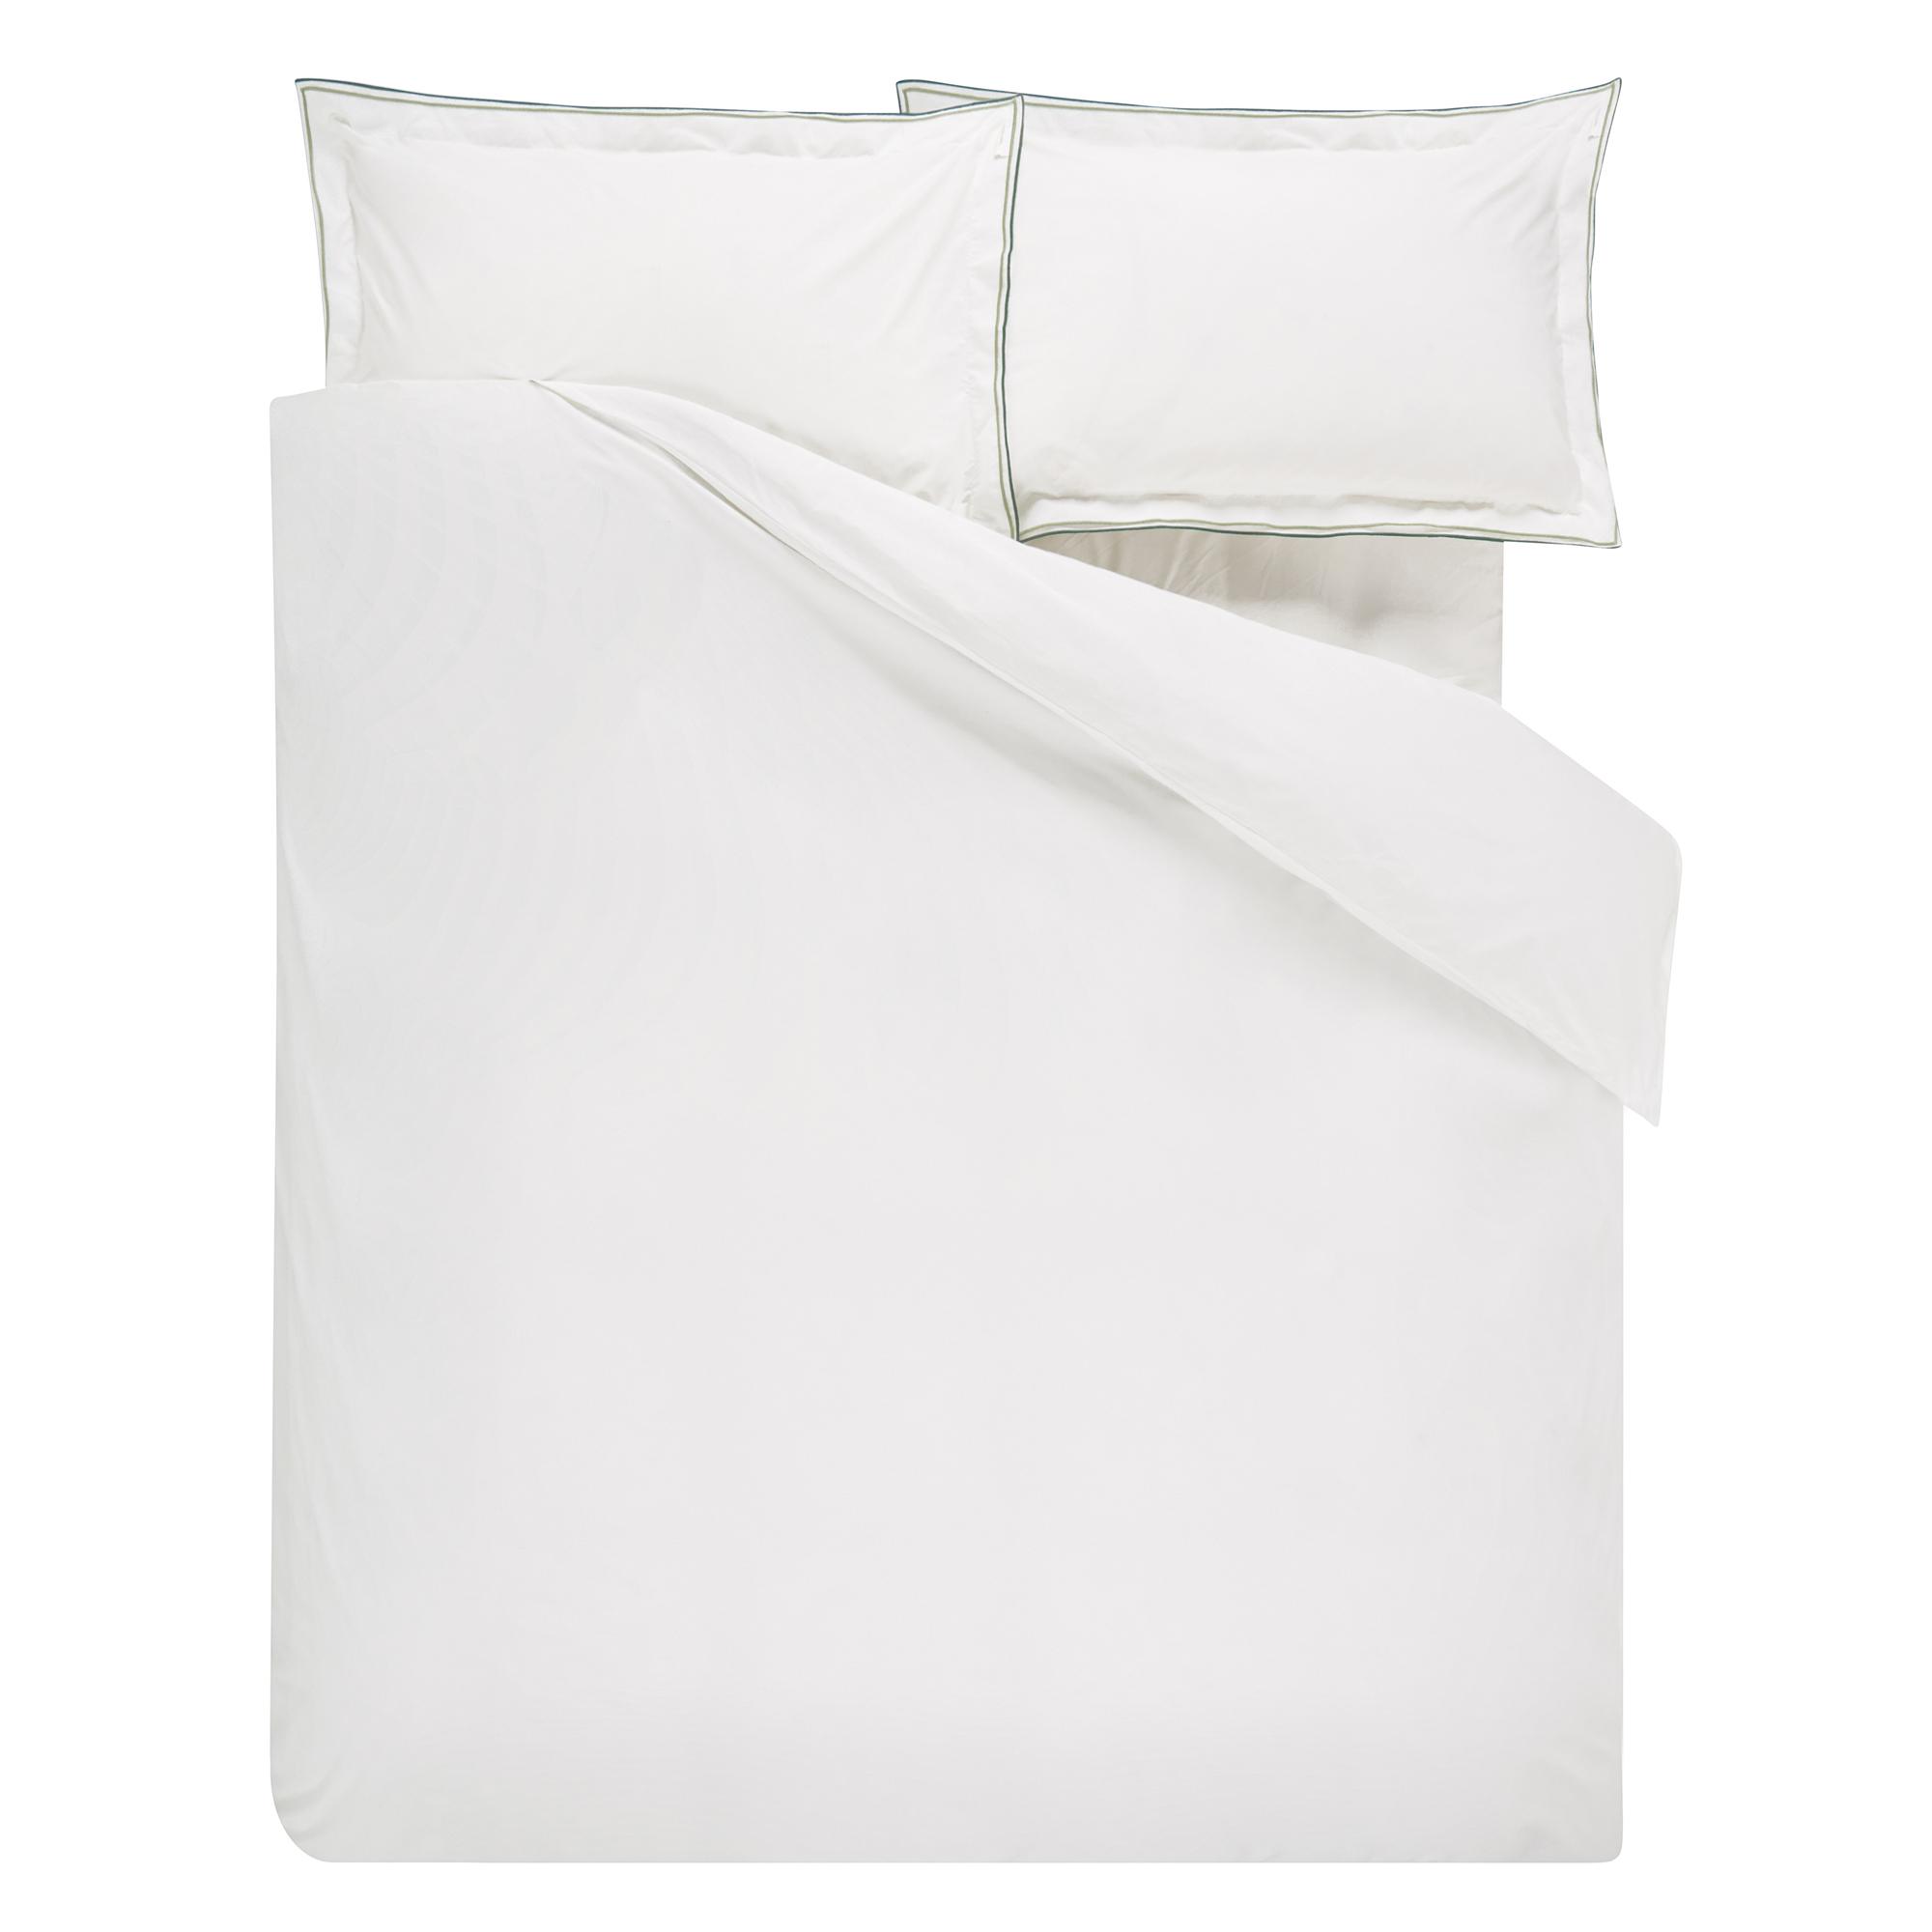 Housse de couette en coton blanc 240x220